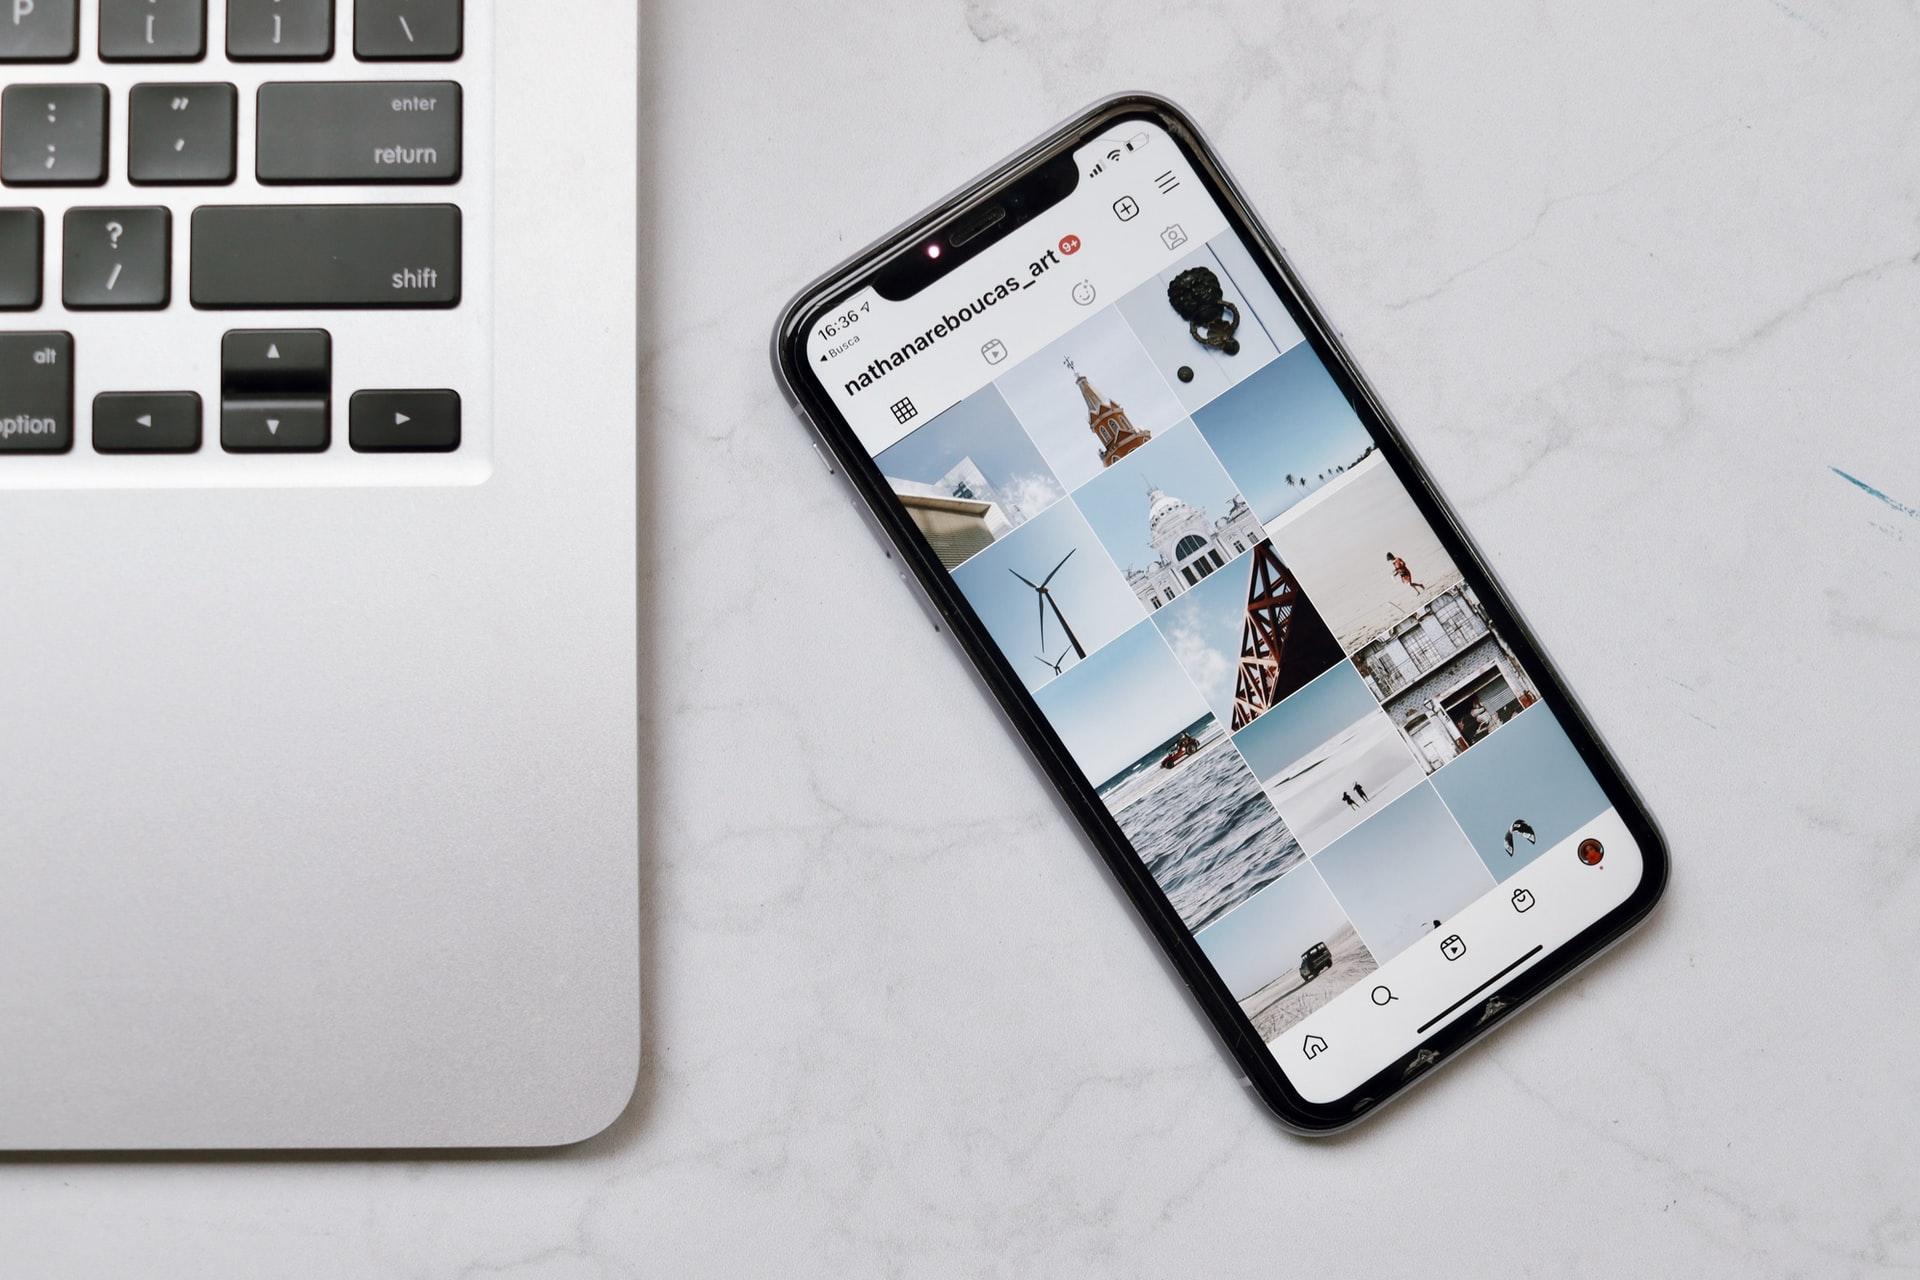 Direct do Instagram: 9 dicas para o marketing do seu perfil